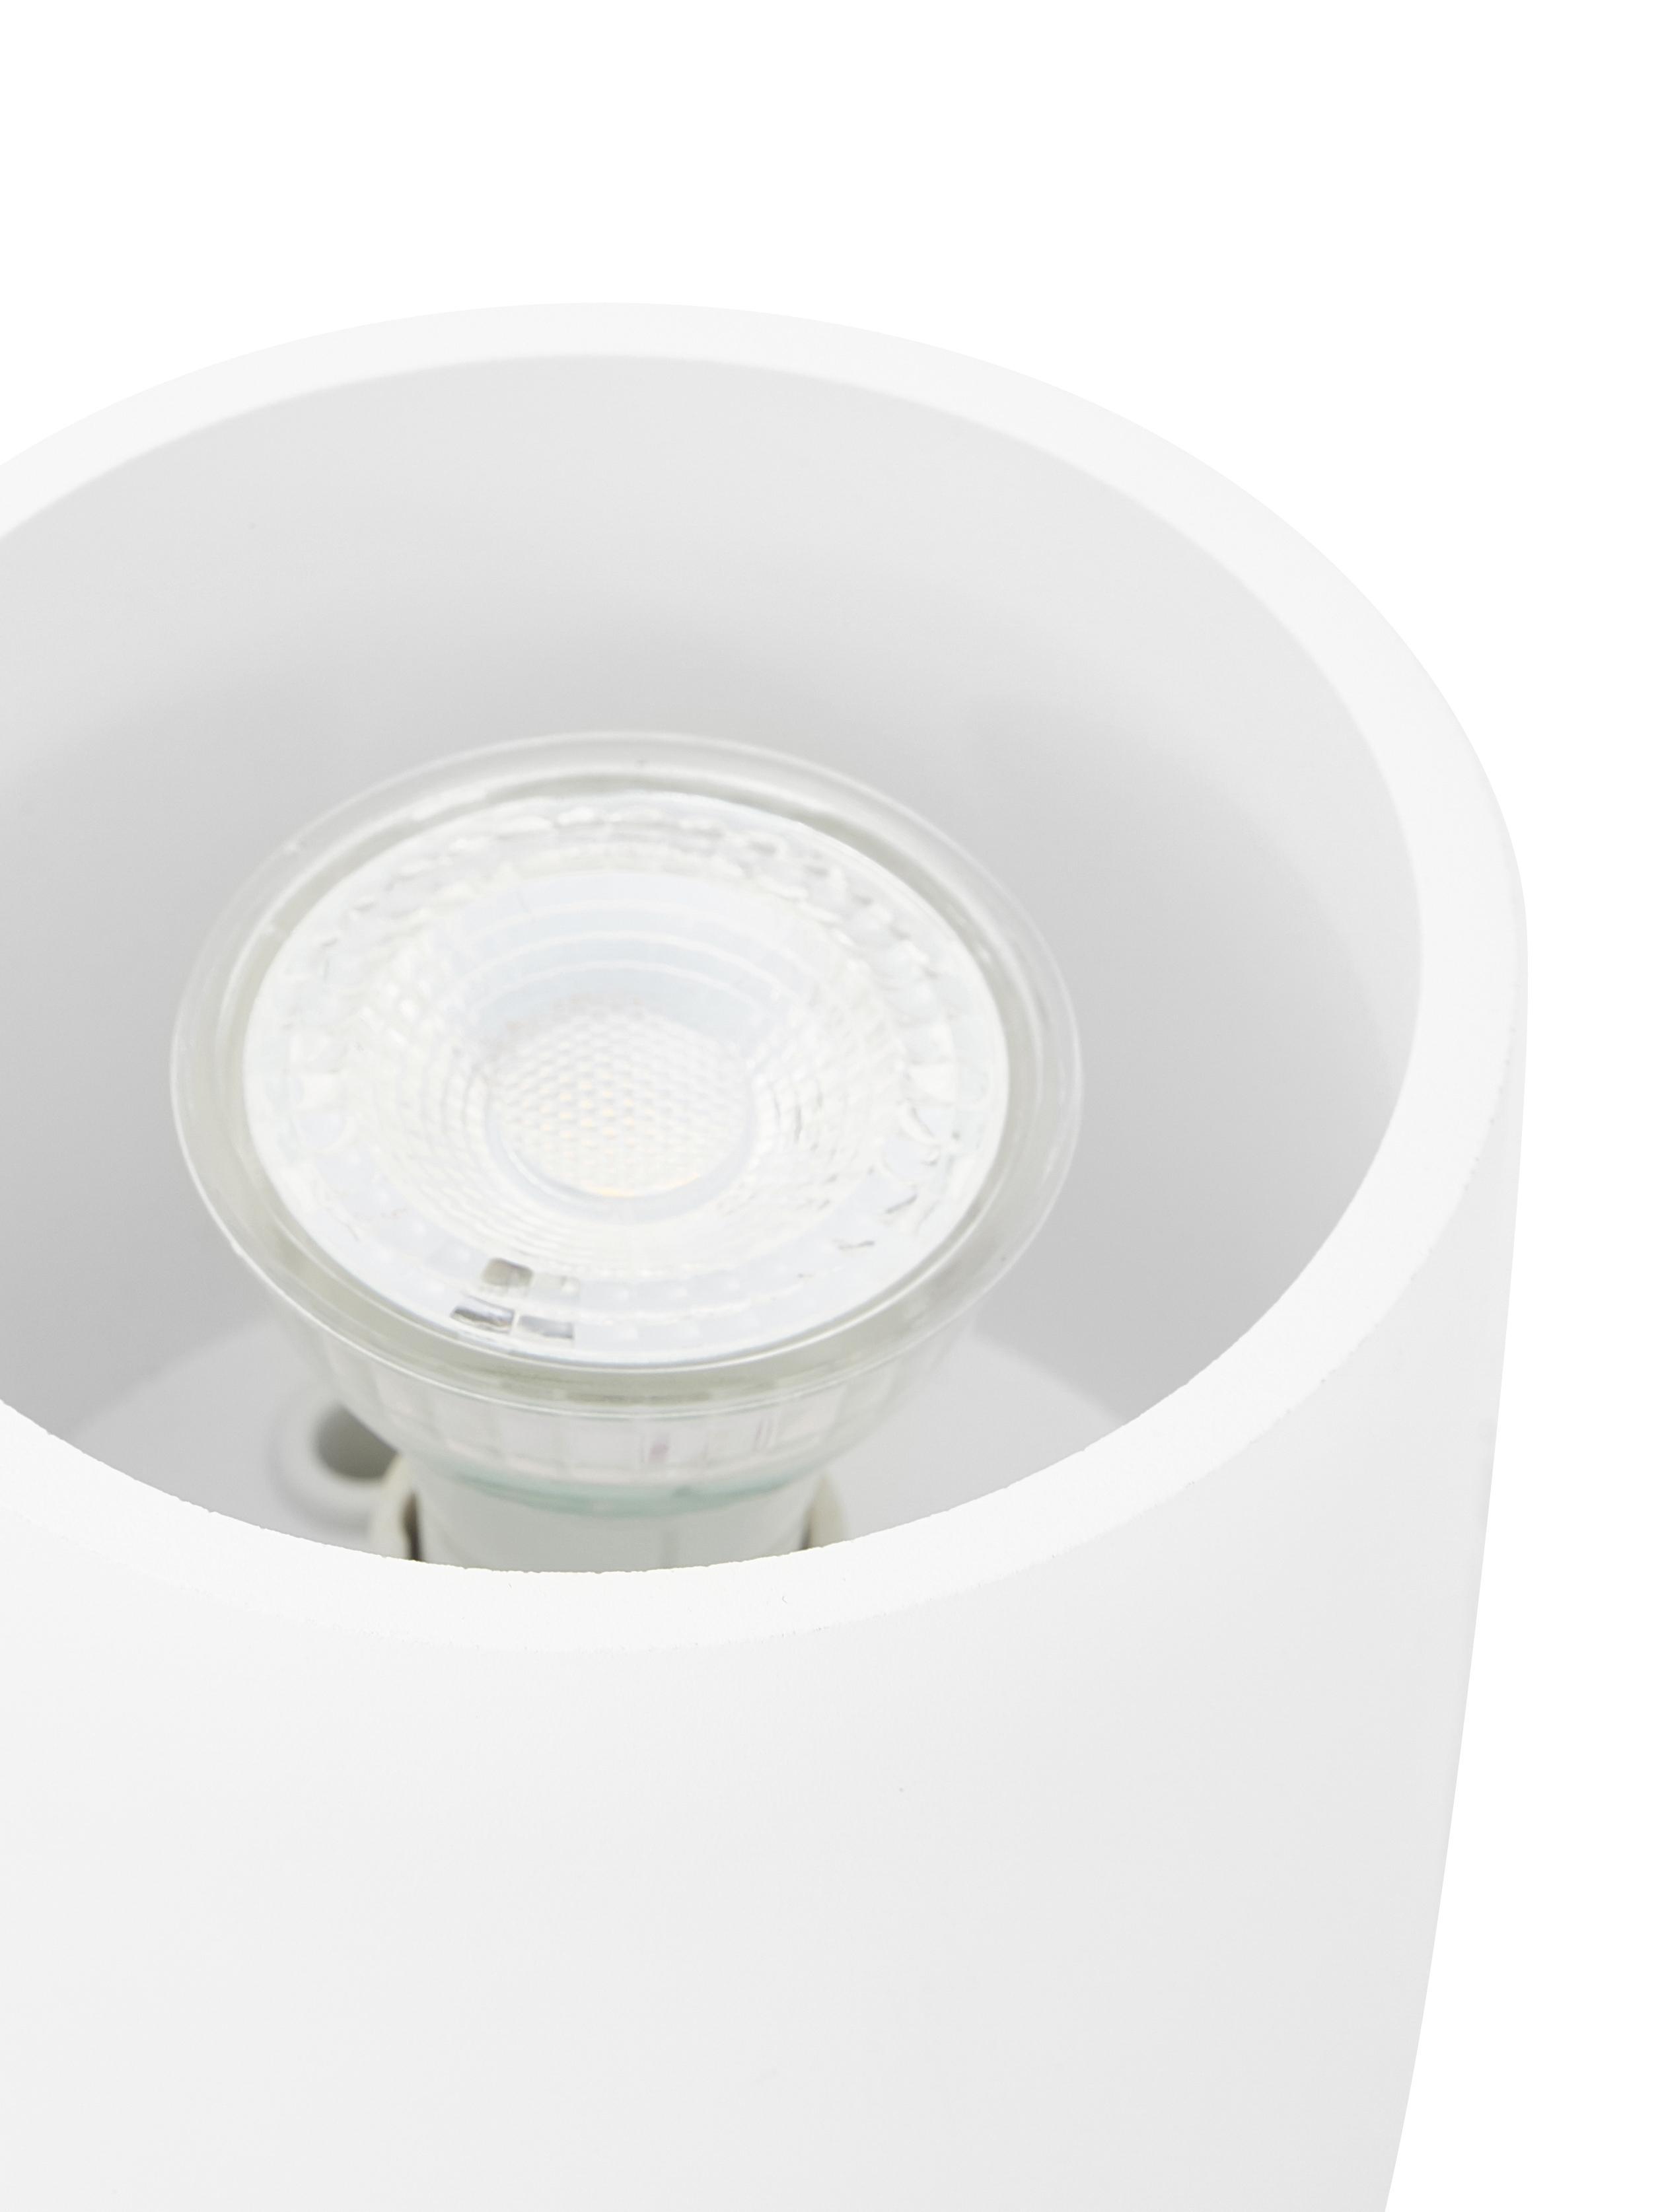 Deckenspot Roda in Weiß, Aluminium, beschichtet, Weiß, Ø 10 x H 10 cm